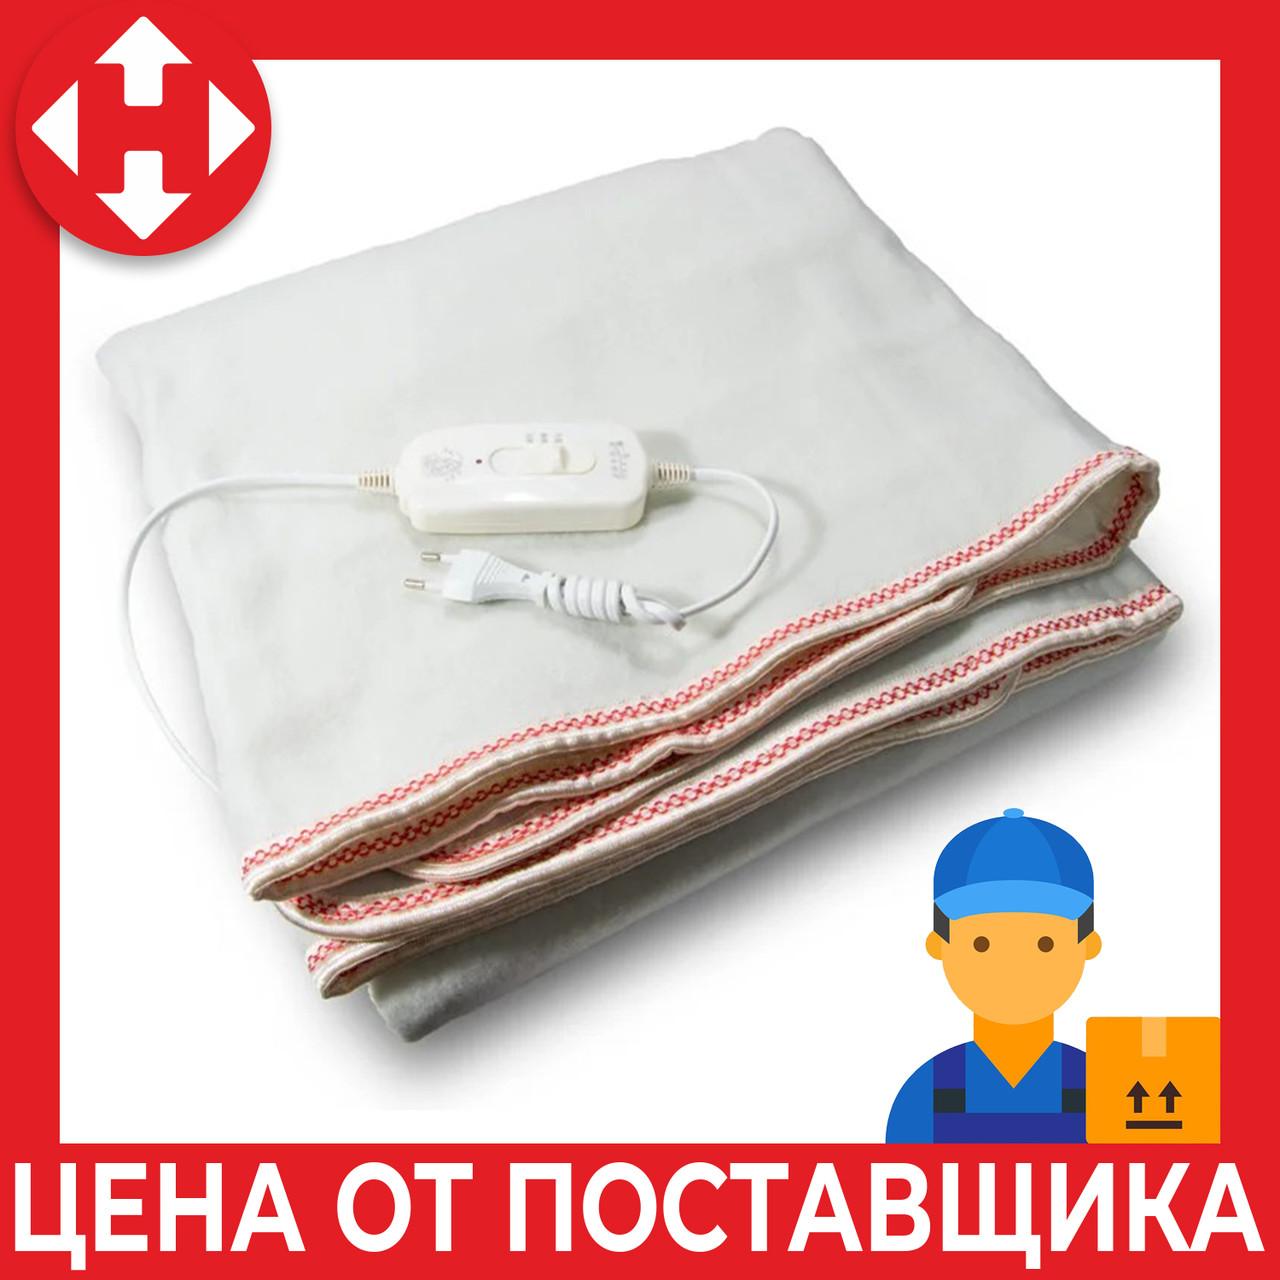 Электропростынь двуспальная с сумкой (160х115 см, 100 W), Electric Blanket, Красная, электроодеяло